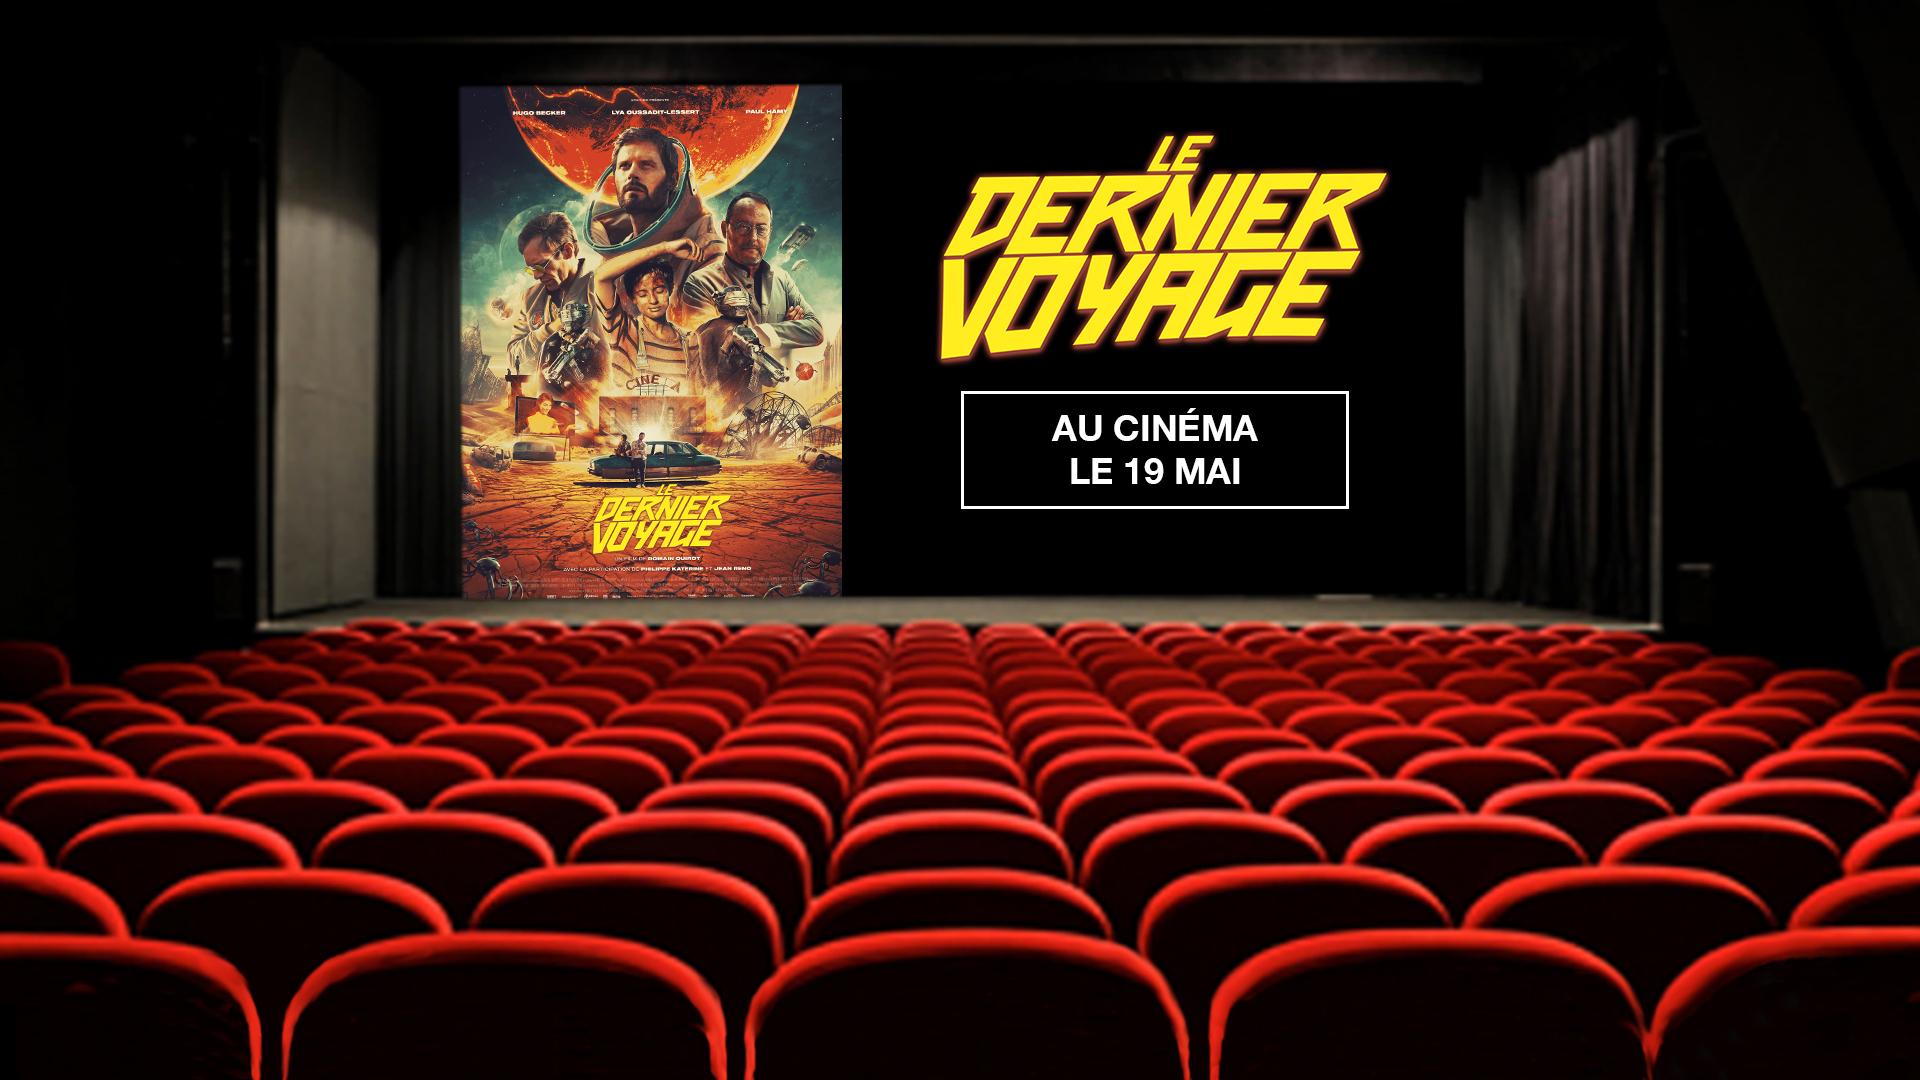 """Code promo OCS : 50 lots de 2 places de cinéma pour le film """"Le Dernier Voyage"""" à gagner"""